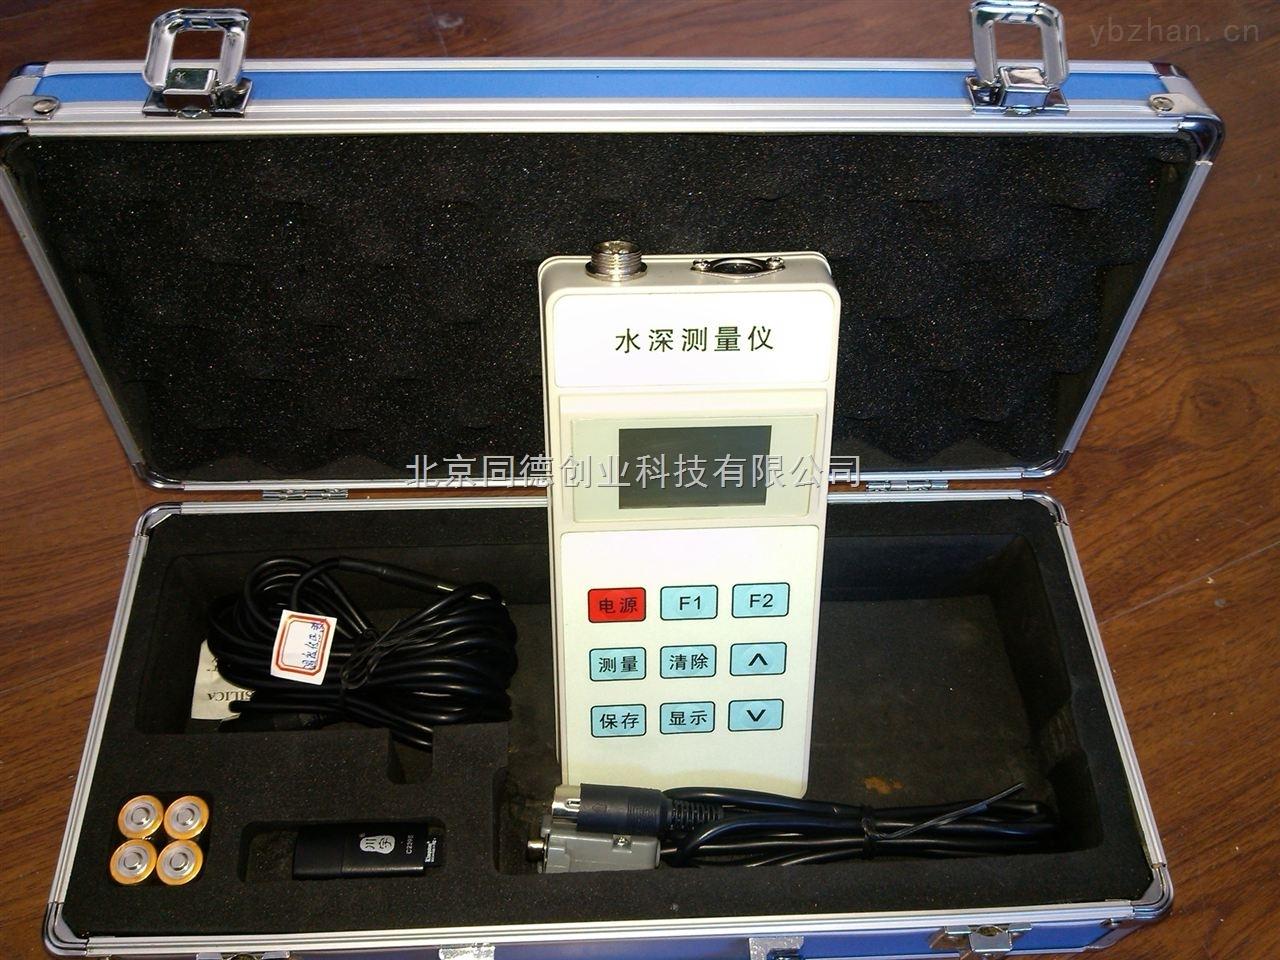 水深檢測儀 水深水位測量儀 水深儀